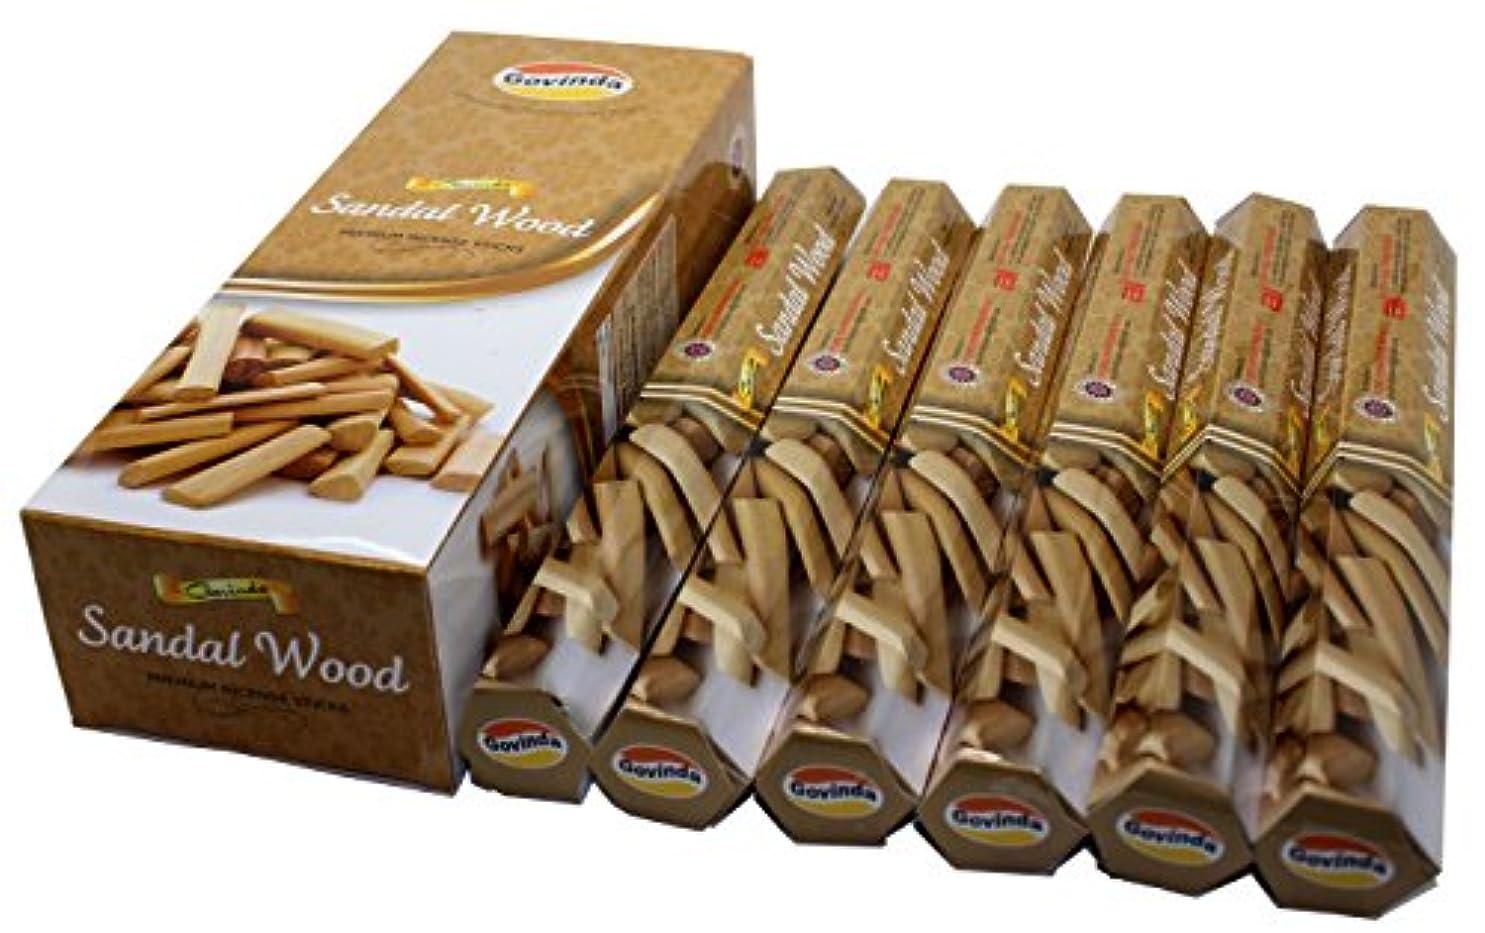 ホイットニーお香早くGovinda ® Incense – サンダルウッド – 120 Incense Sticks、プレミアムIncense、Masalaコーティング